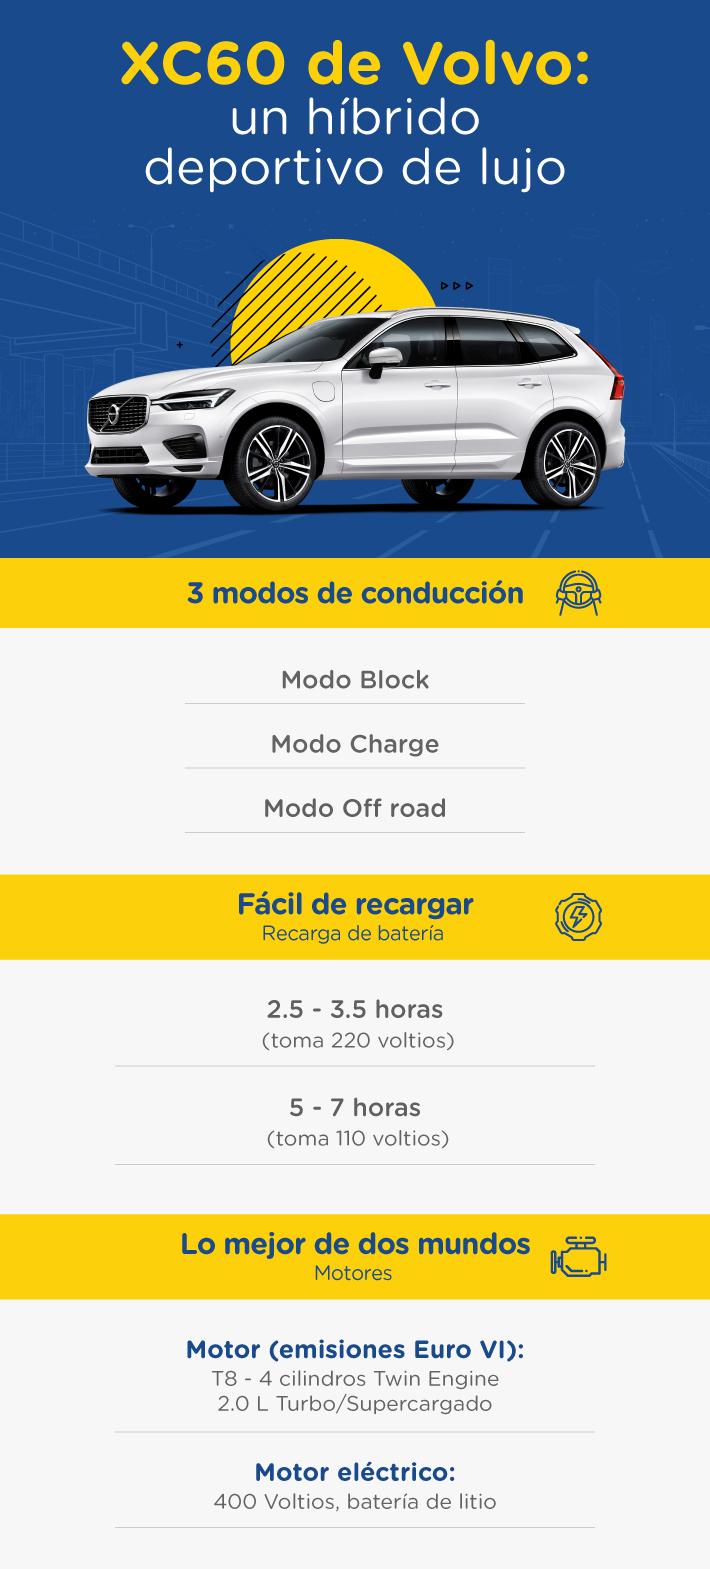 Conoce-el-vehiculo-hibrido-electrico-de-volvo